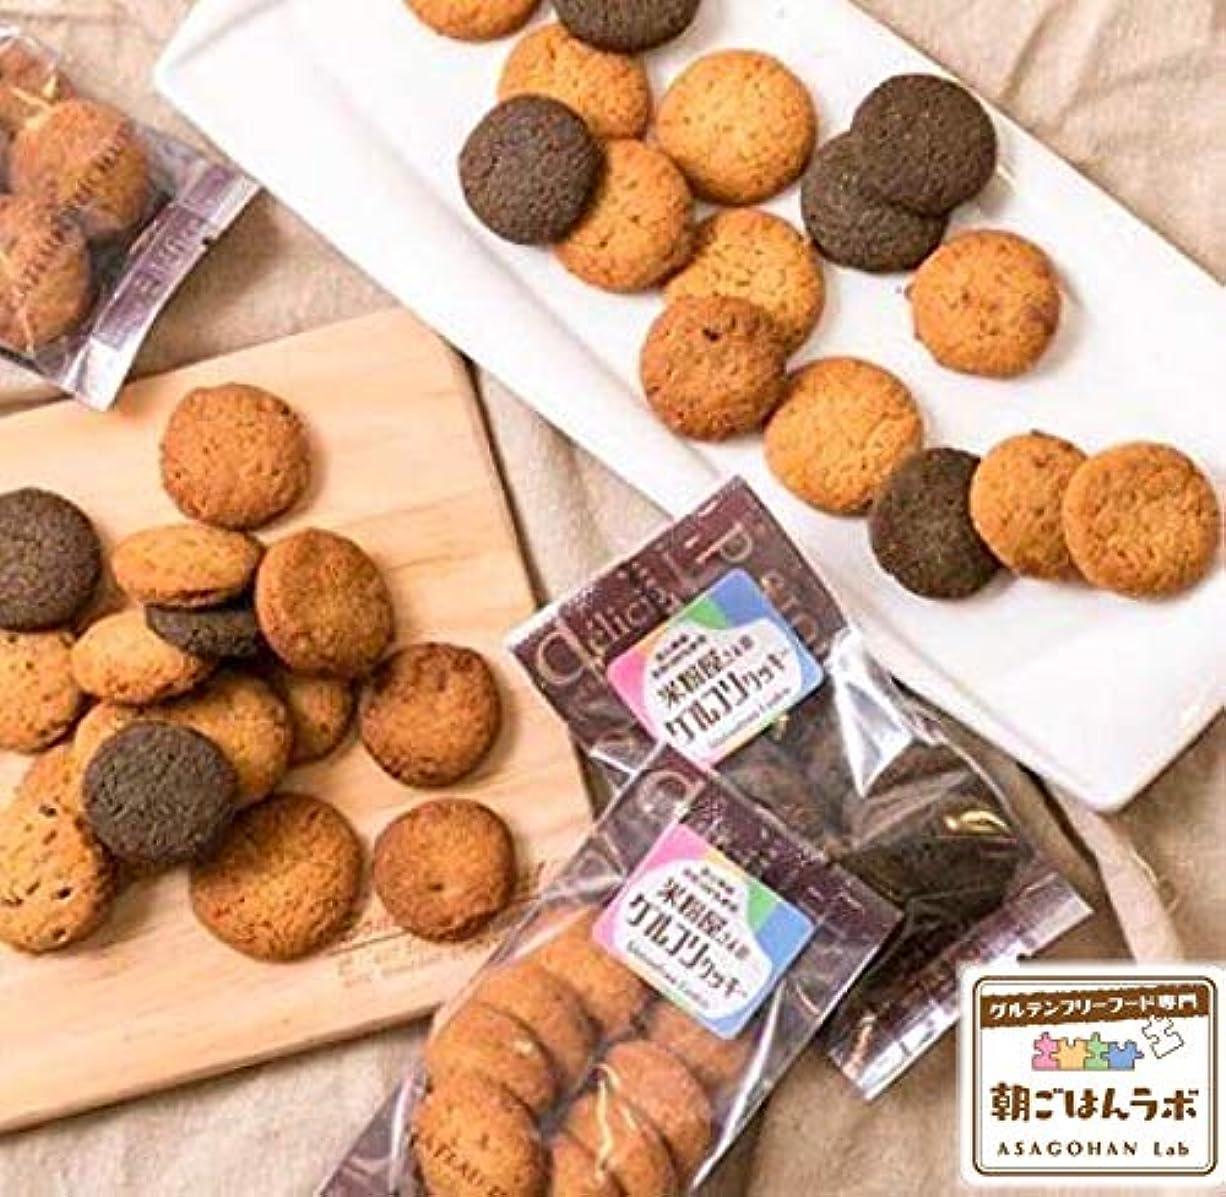 プライム砂利対話米粉屋さんのグルフリクッキー  (小袋 8袋) グルテンフリー 朝ごはんラボ